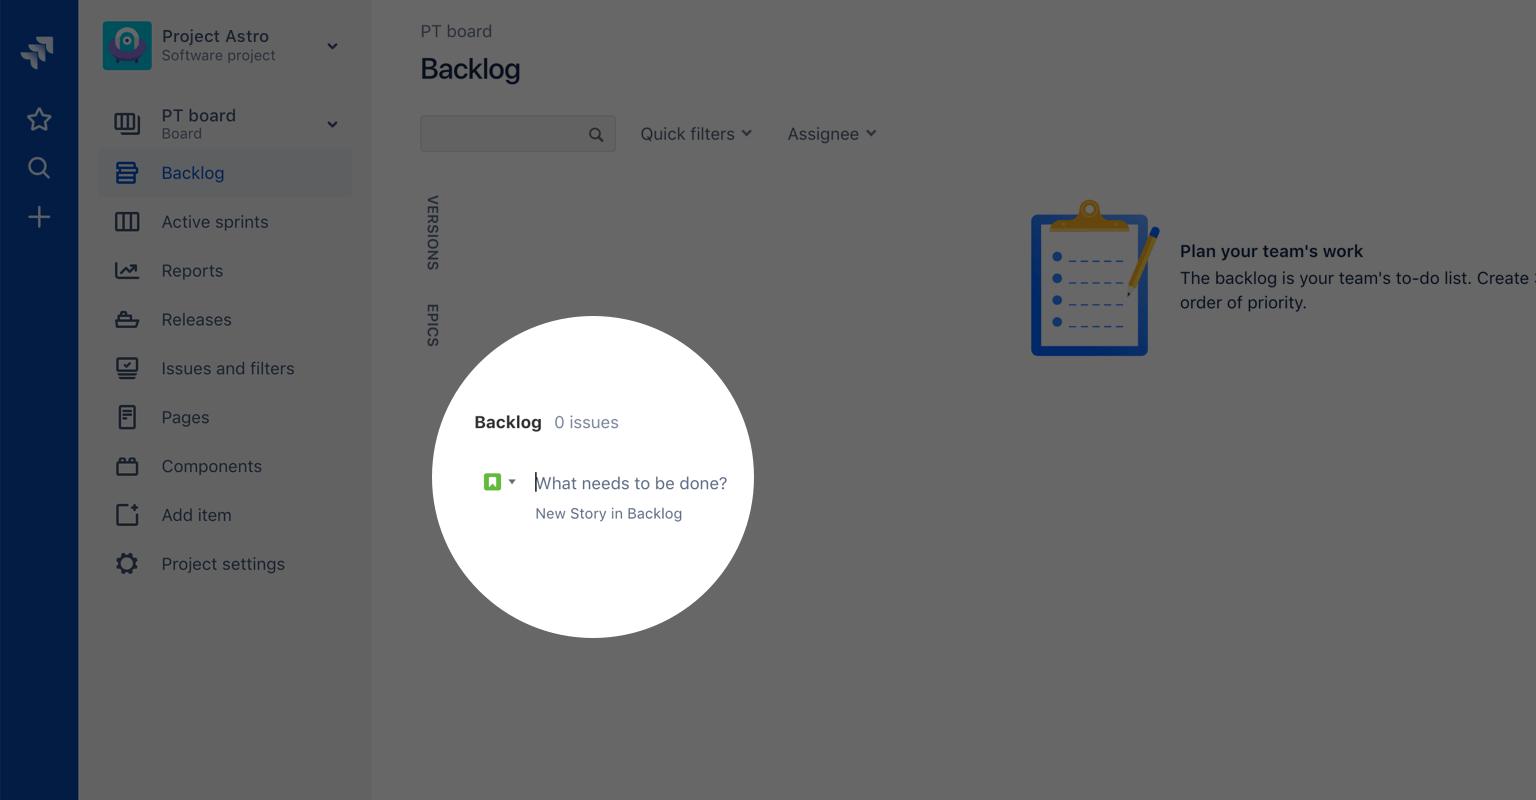 Schermata in cui è evidenziato il pulsante Backlog